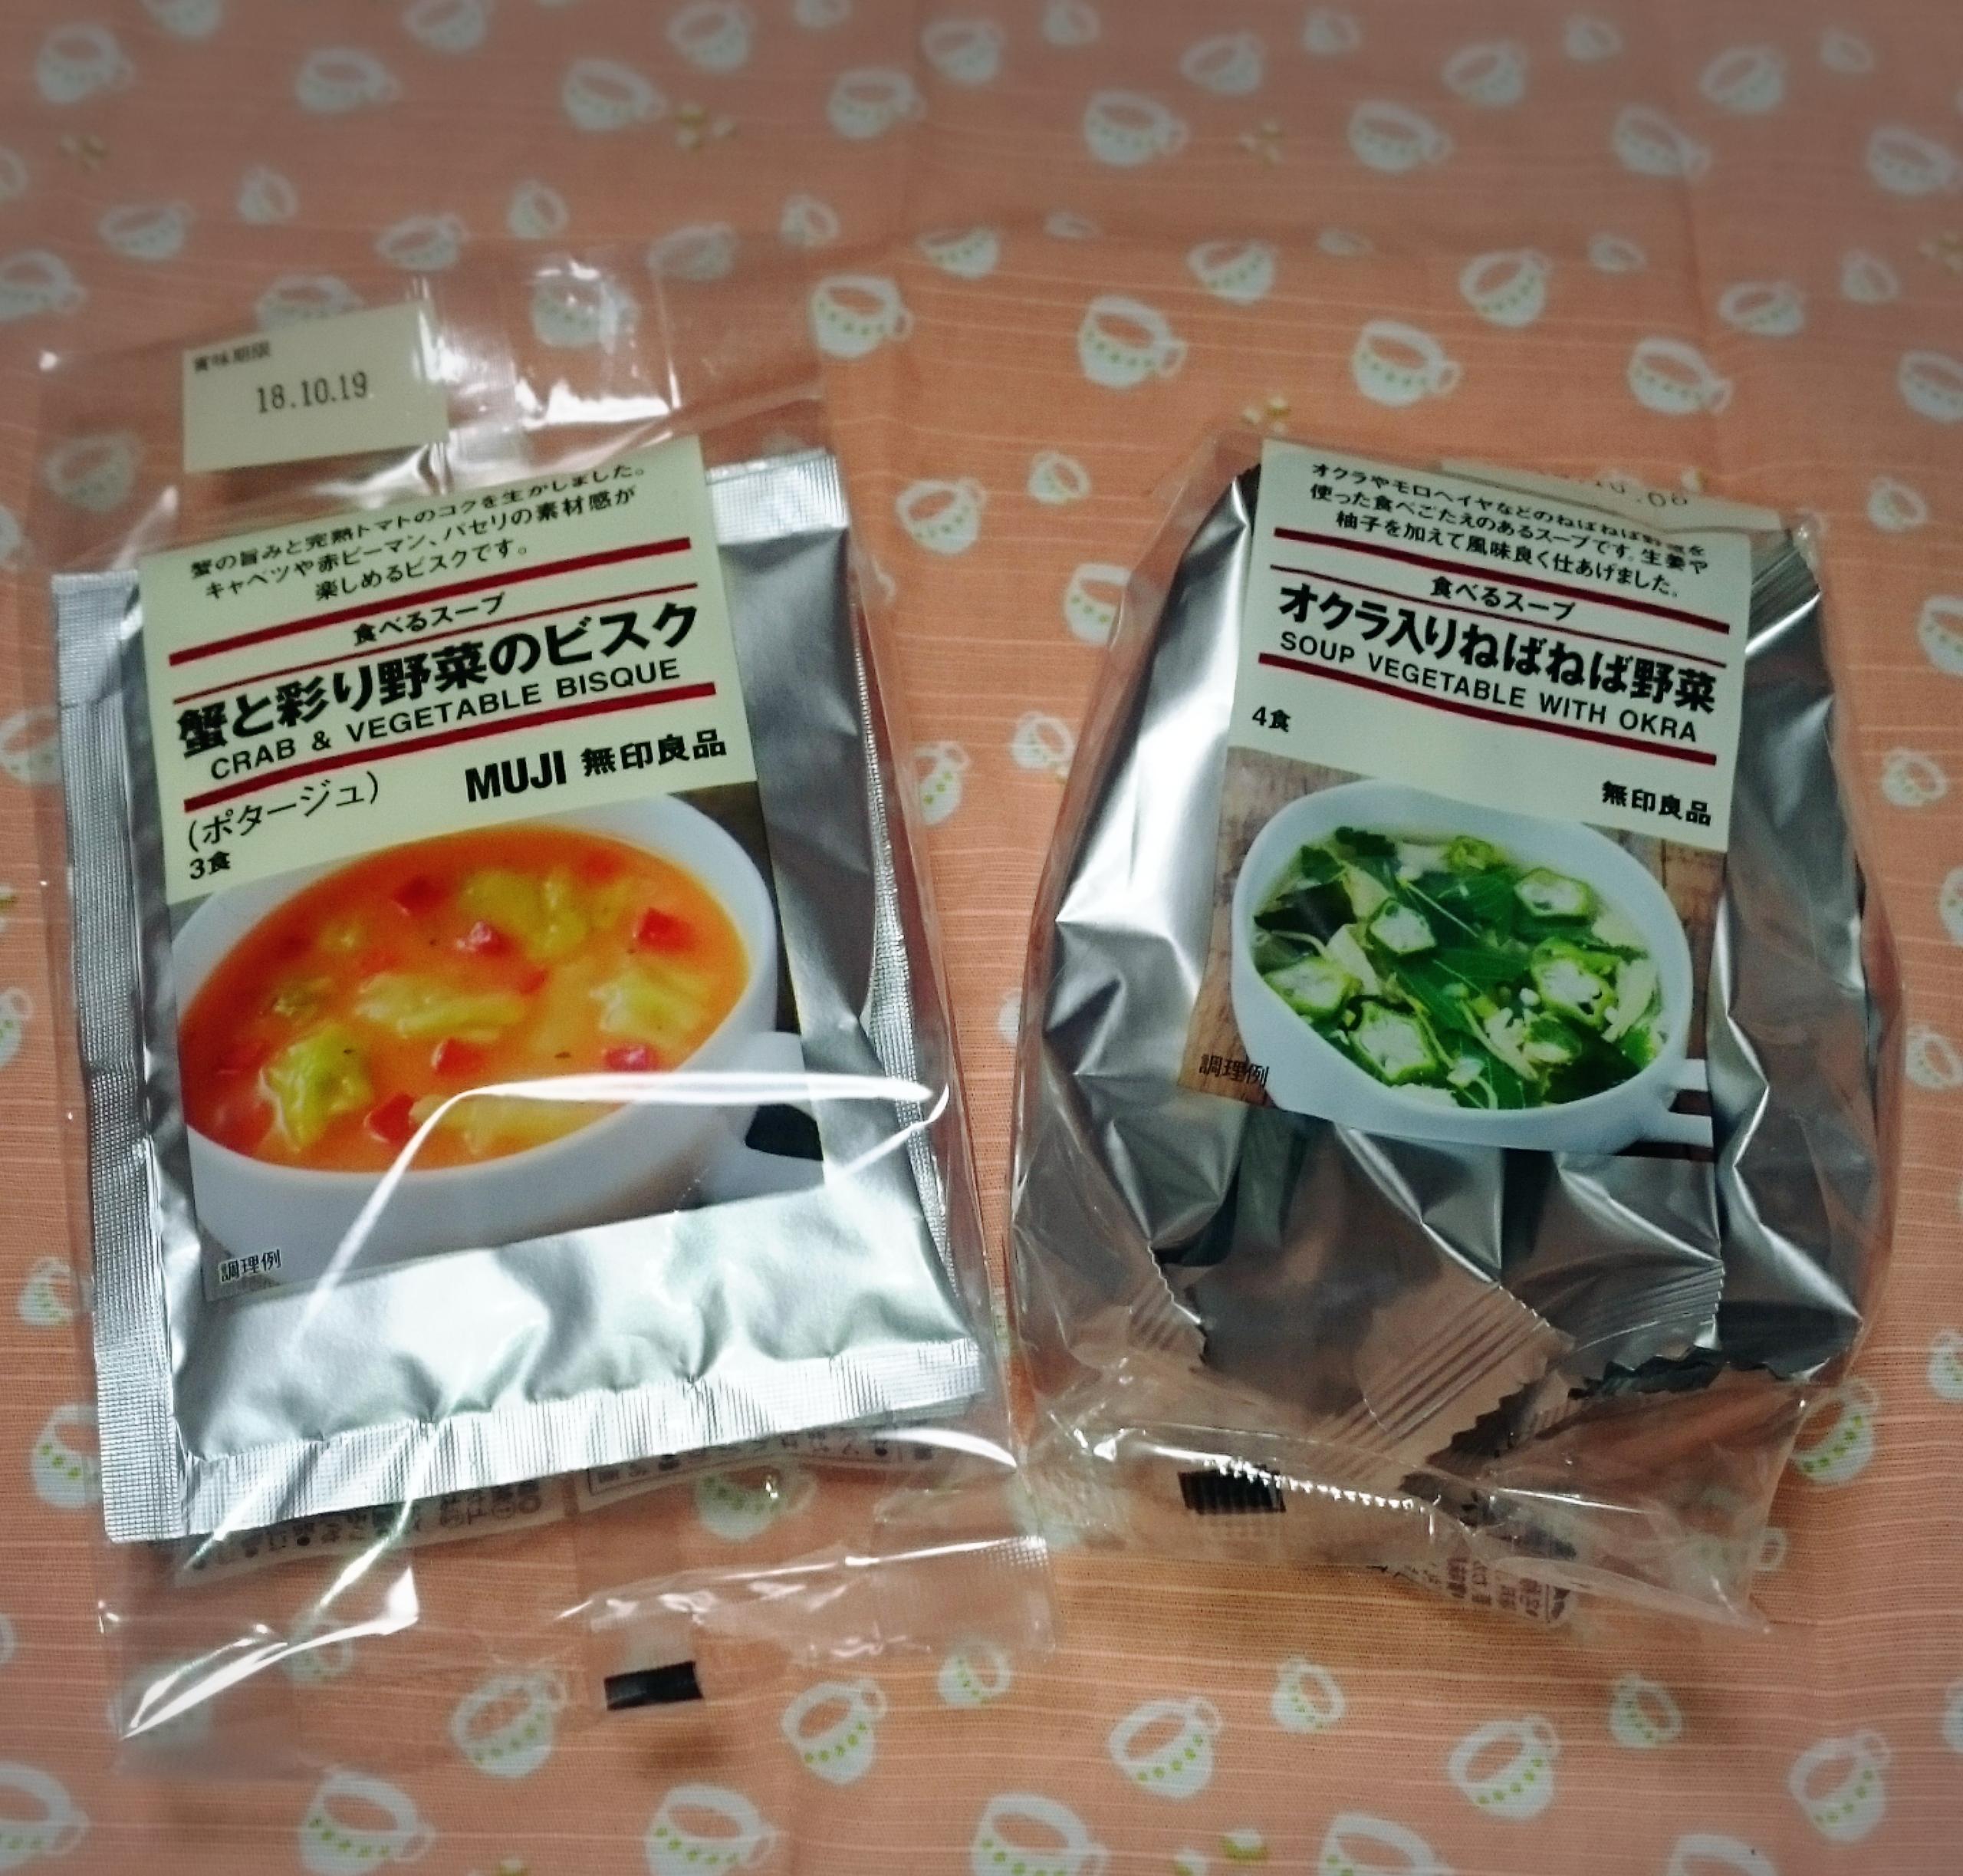 【無印良品週間開催中】ランチにおすすめ!無印良品の食べるスープ